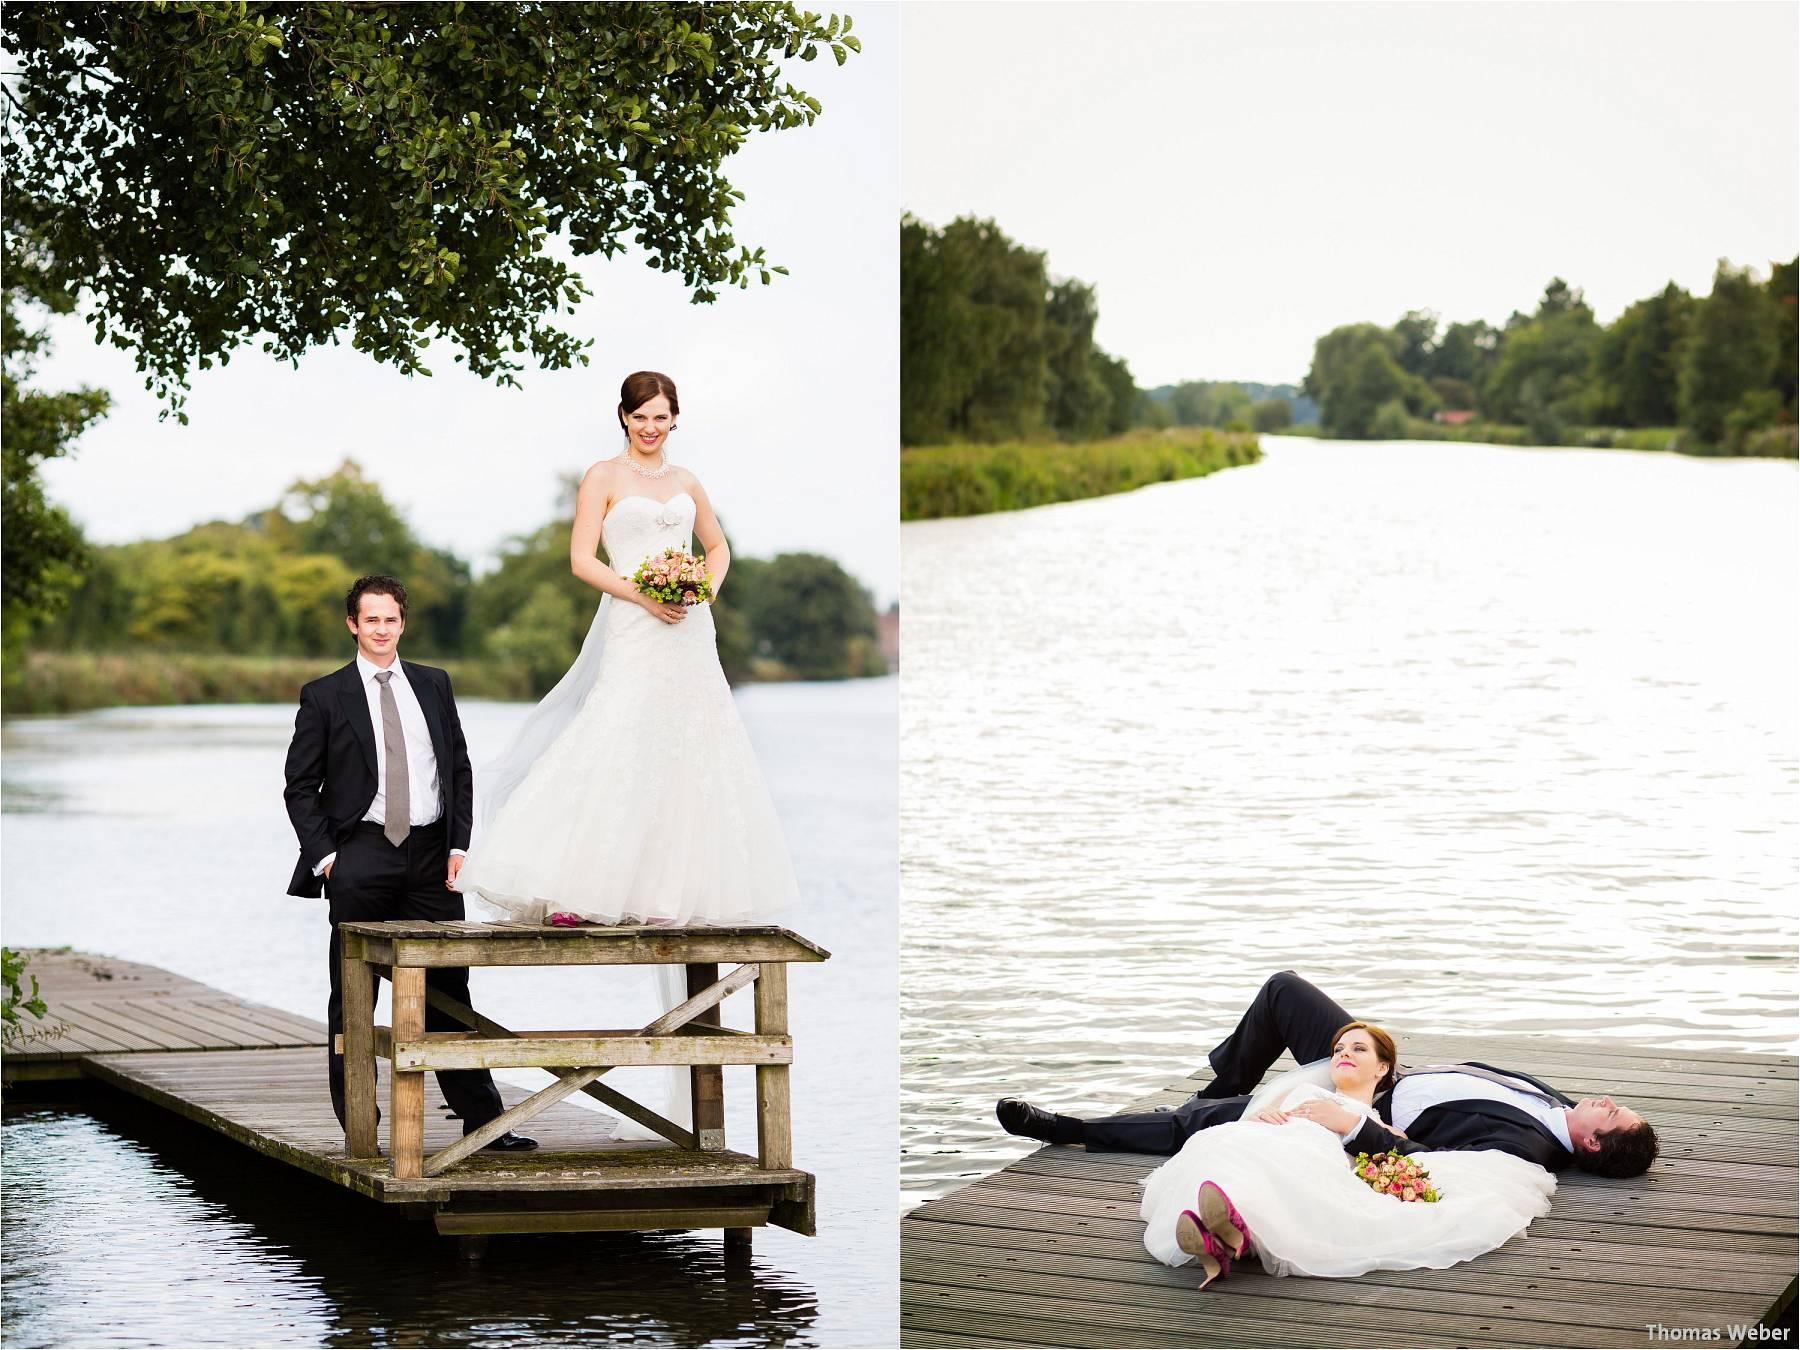 Hochzeitsfotograf Oldenburg: Russische Hochzeit im Standesamt am Pferdemarkt und Hochzeitsfeier im Landhaus Etzhorn (14)